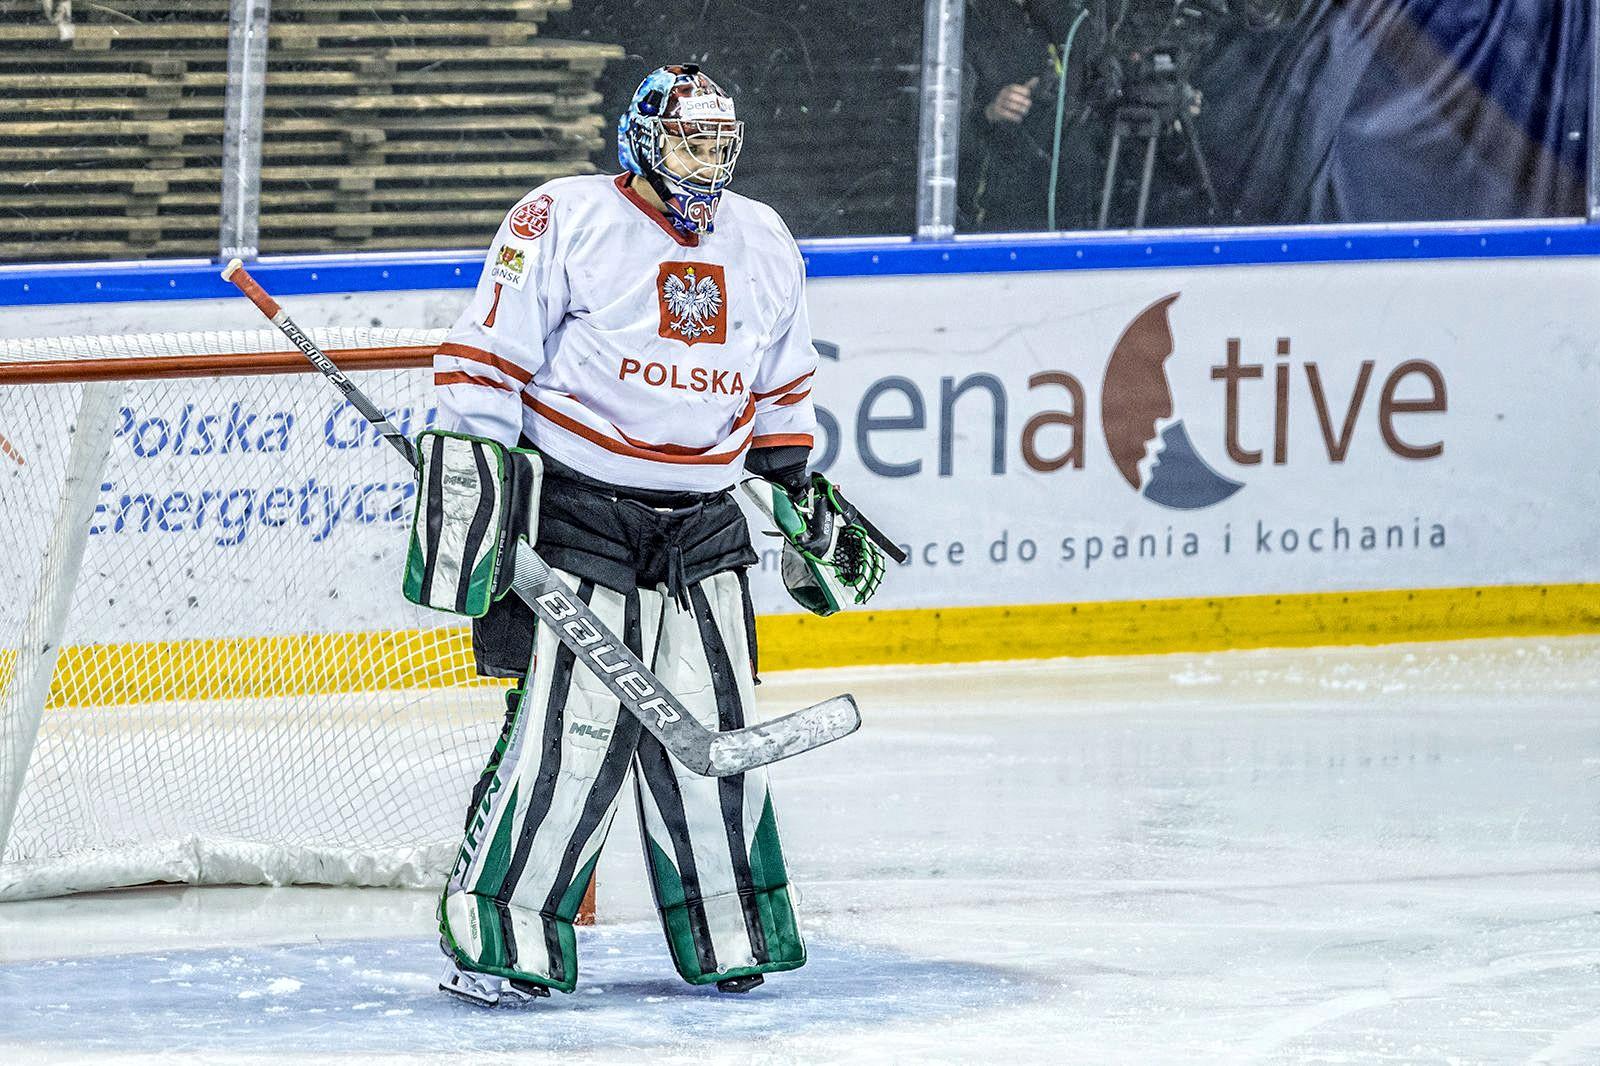 reprezentacja polski w hokeju013